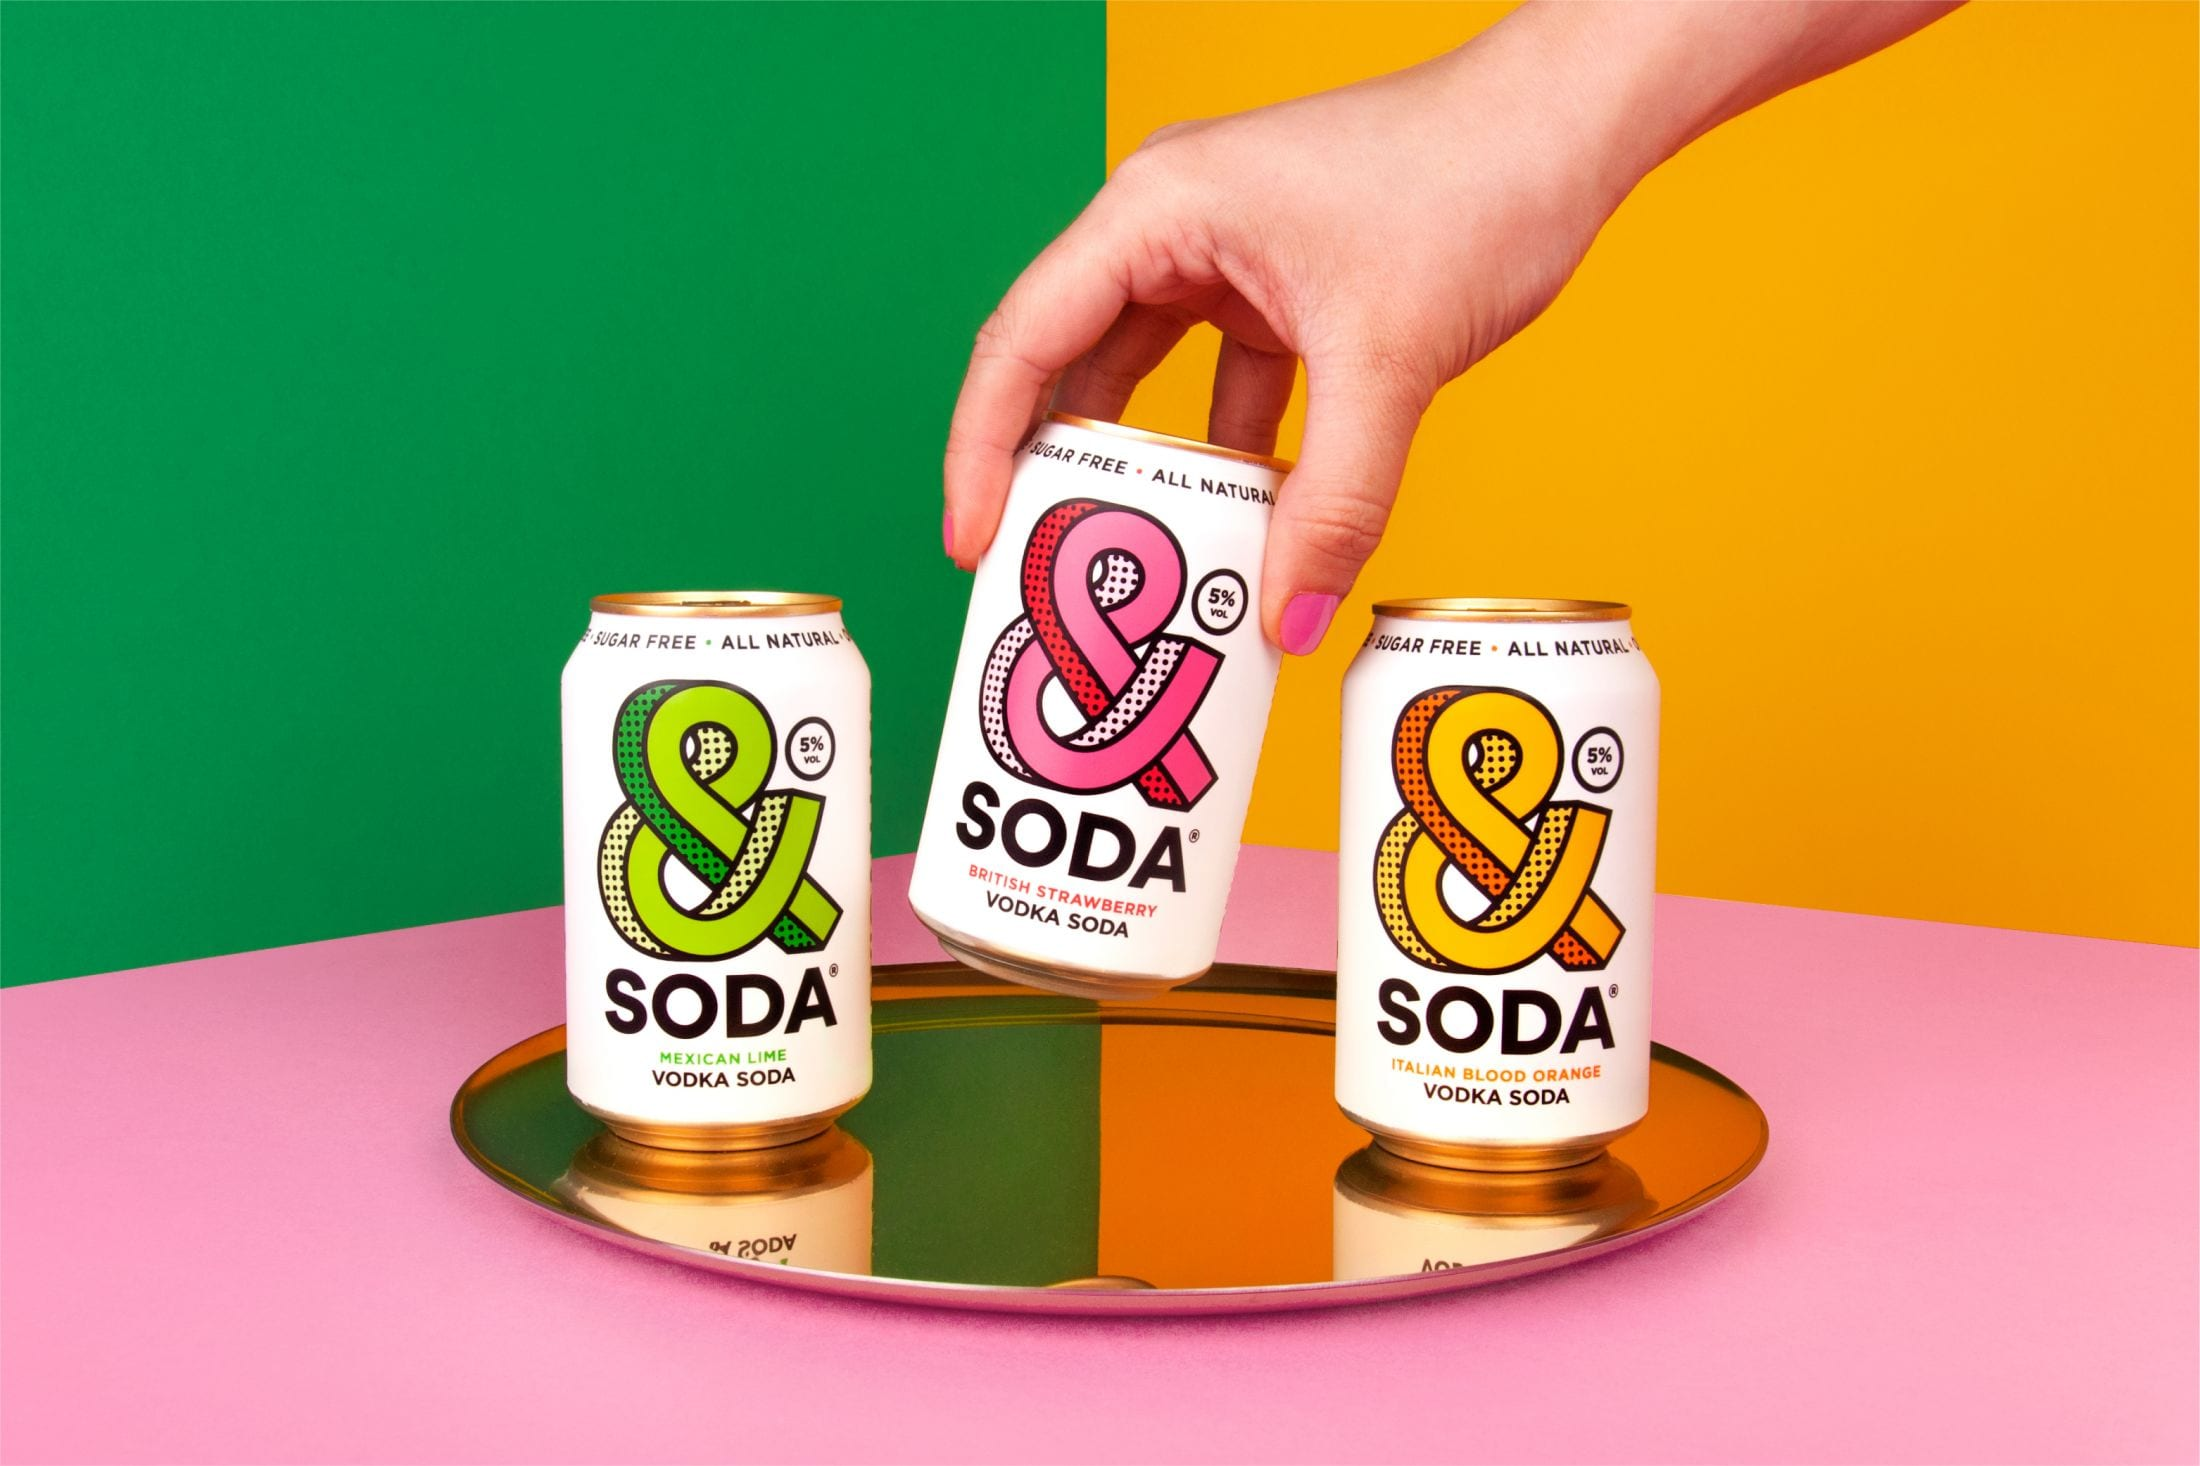 """dfe3d5fc4f18c5b3a4d894ba60ab770b89189546 2200 1 - Svěží a ovocná identita pro novou alternativu """"čistého pití"""" &Soda od společnosti Analogue"""